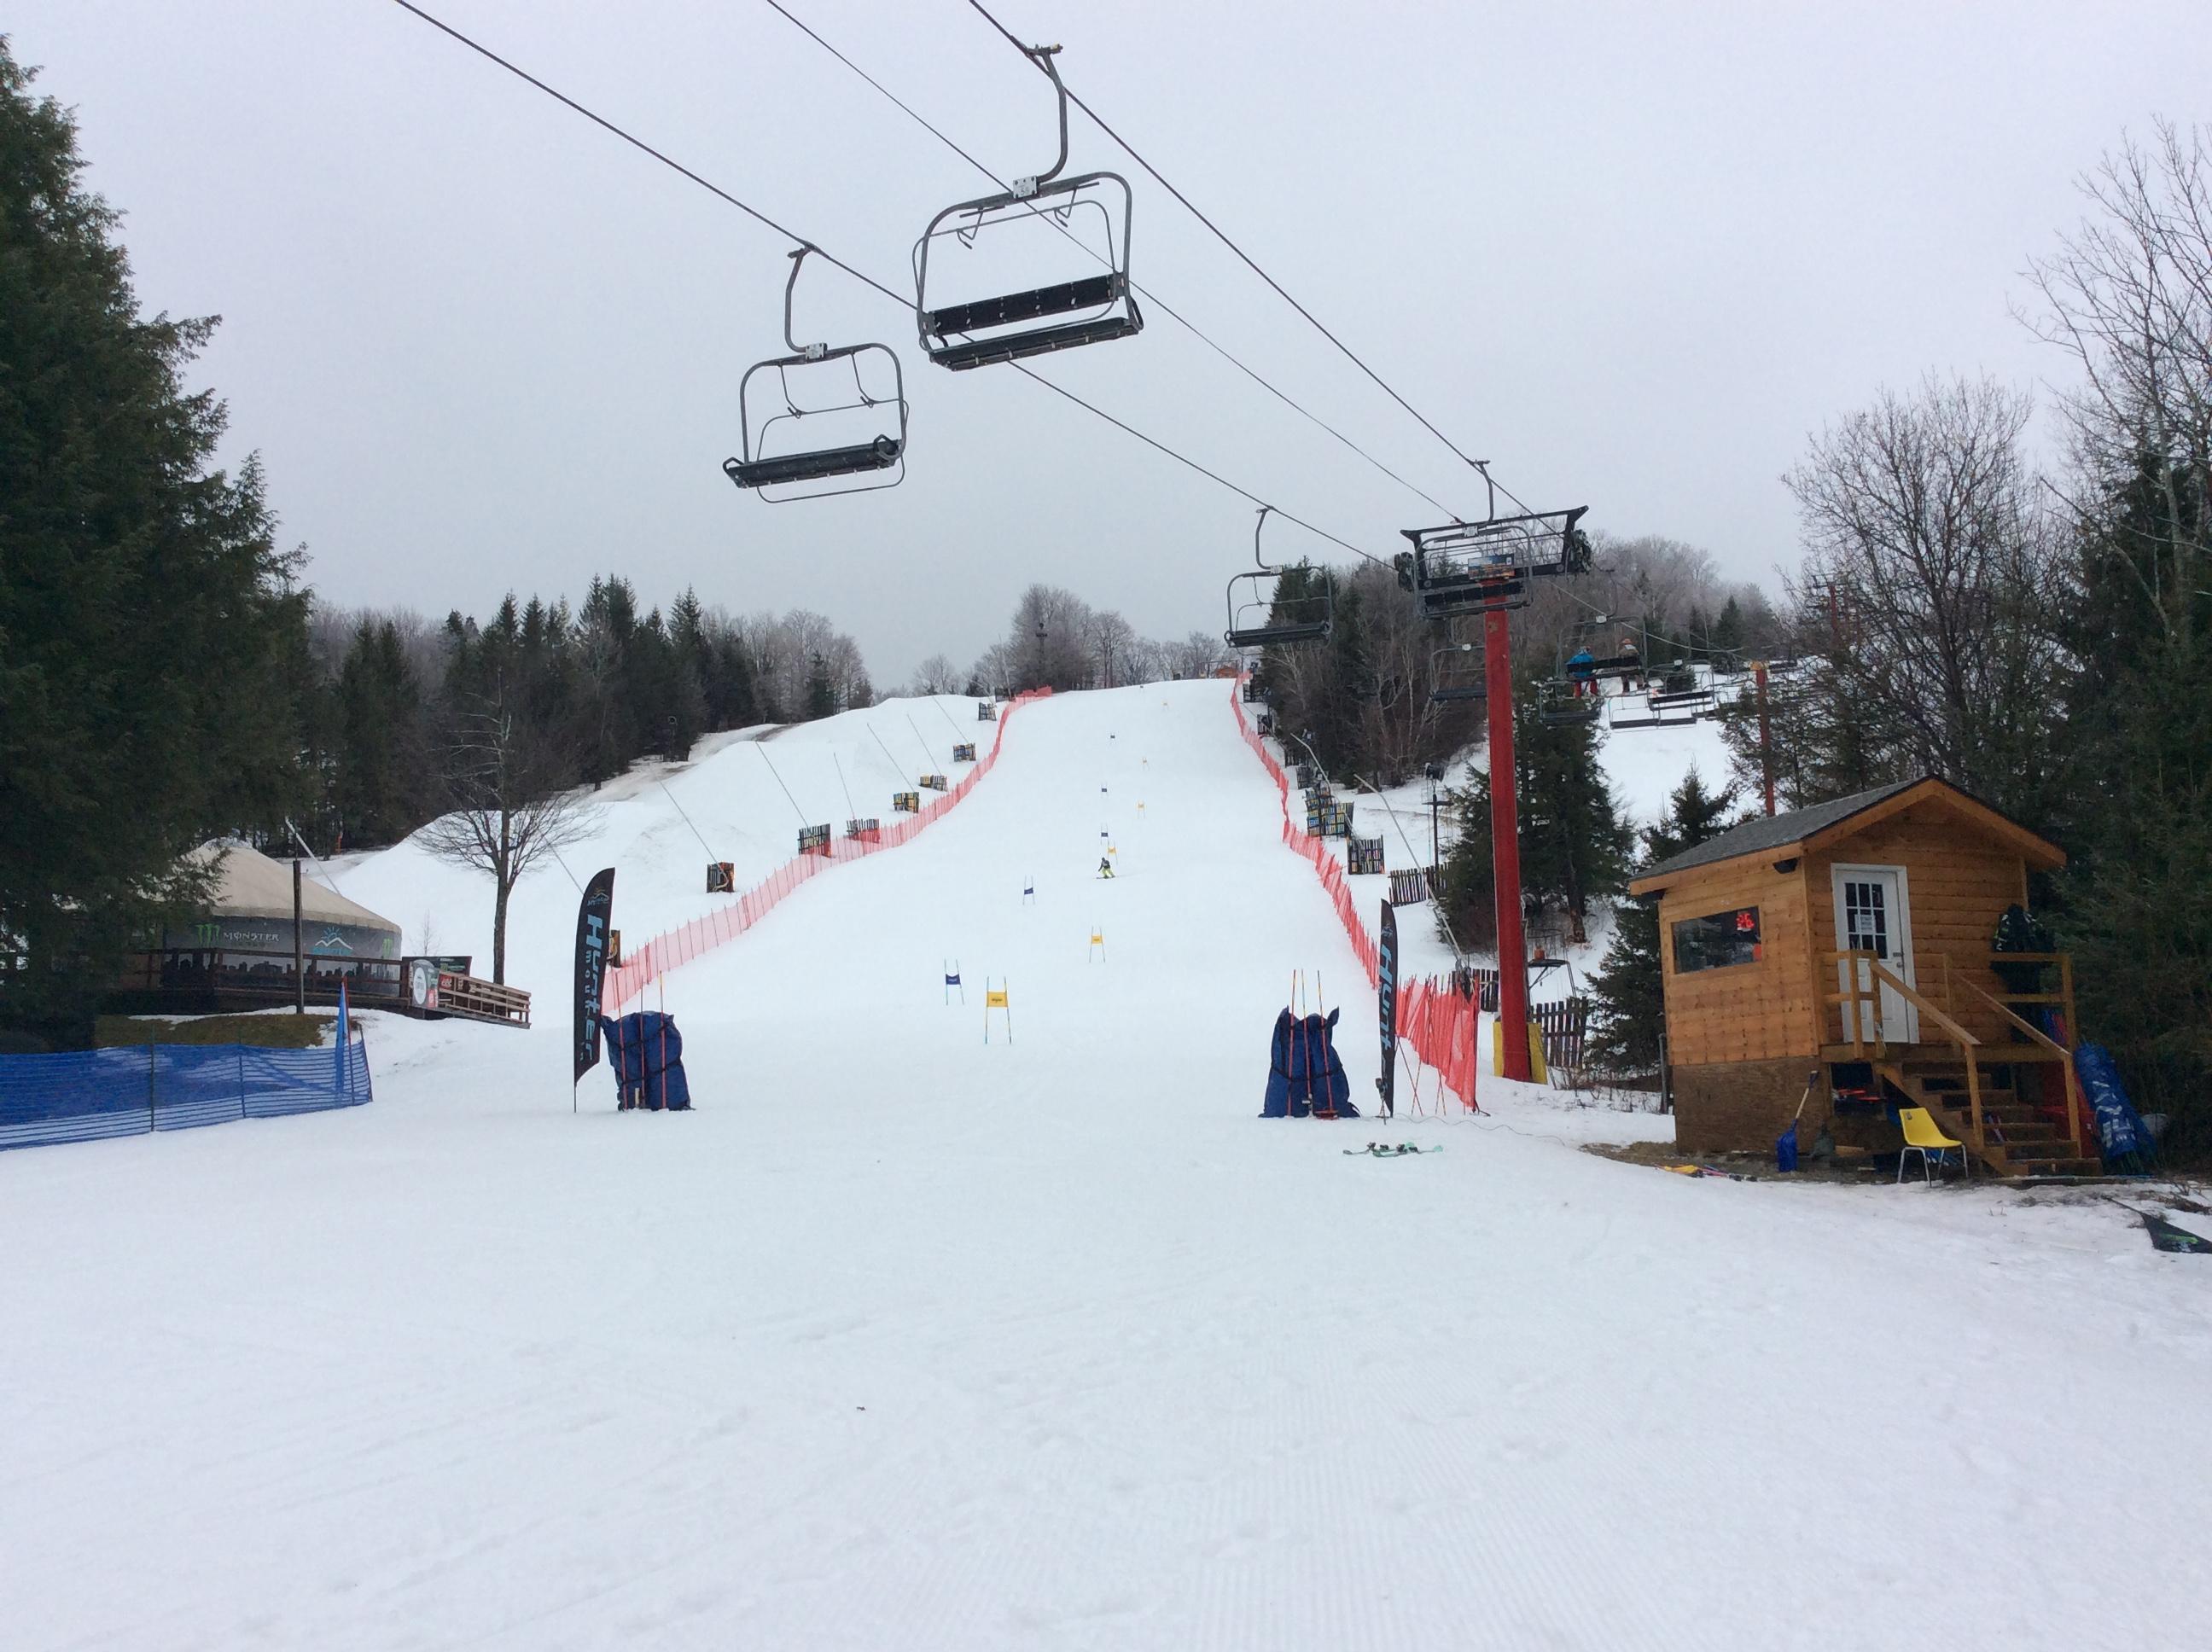 nypd-ski-club_32275719801_o